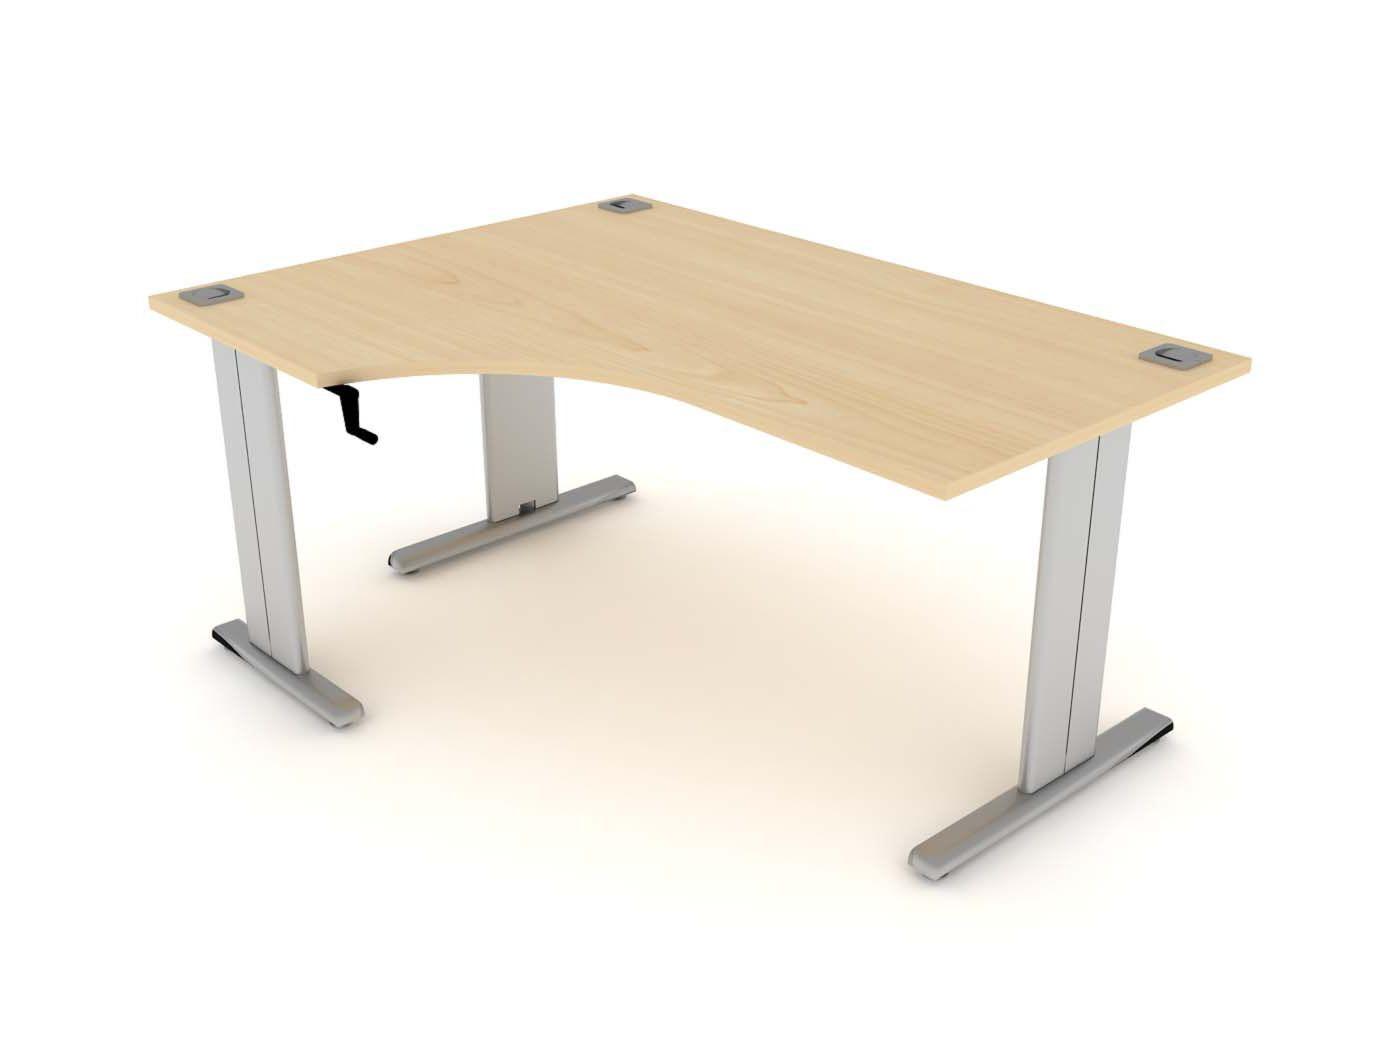 Manual Crescent Height Adjustable Desk Left Hand Adjustable Height Desk Desk Simple House Design